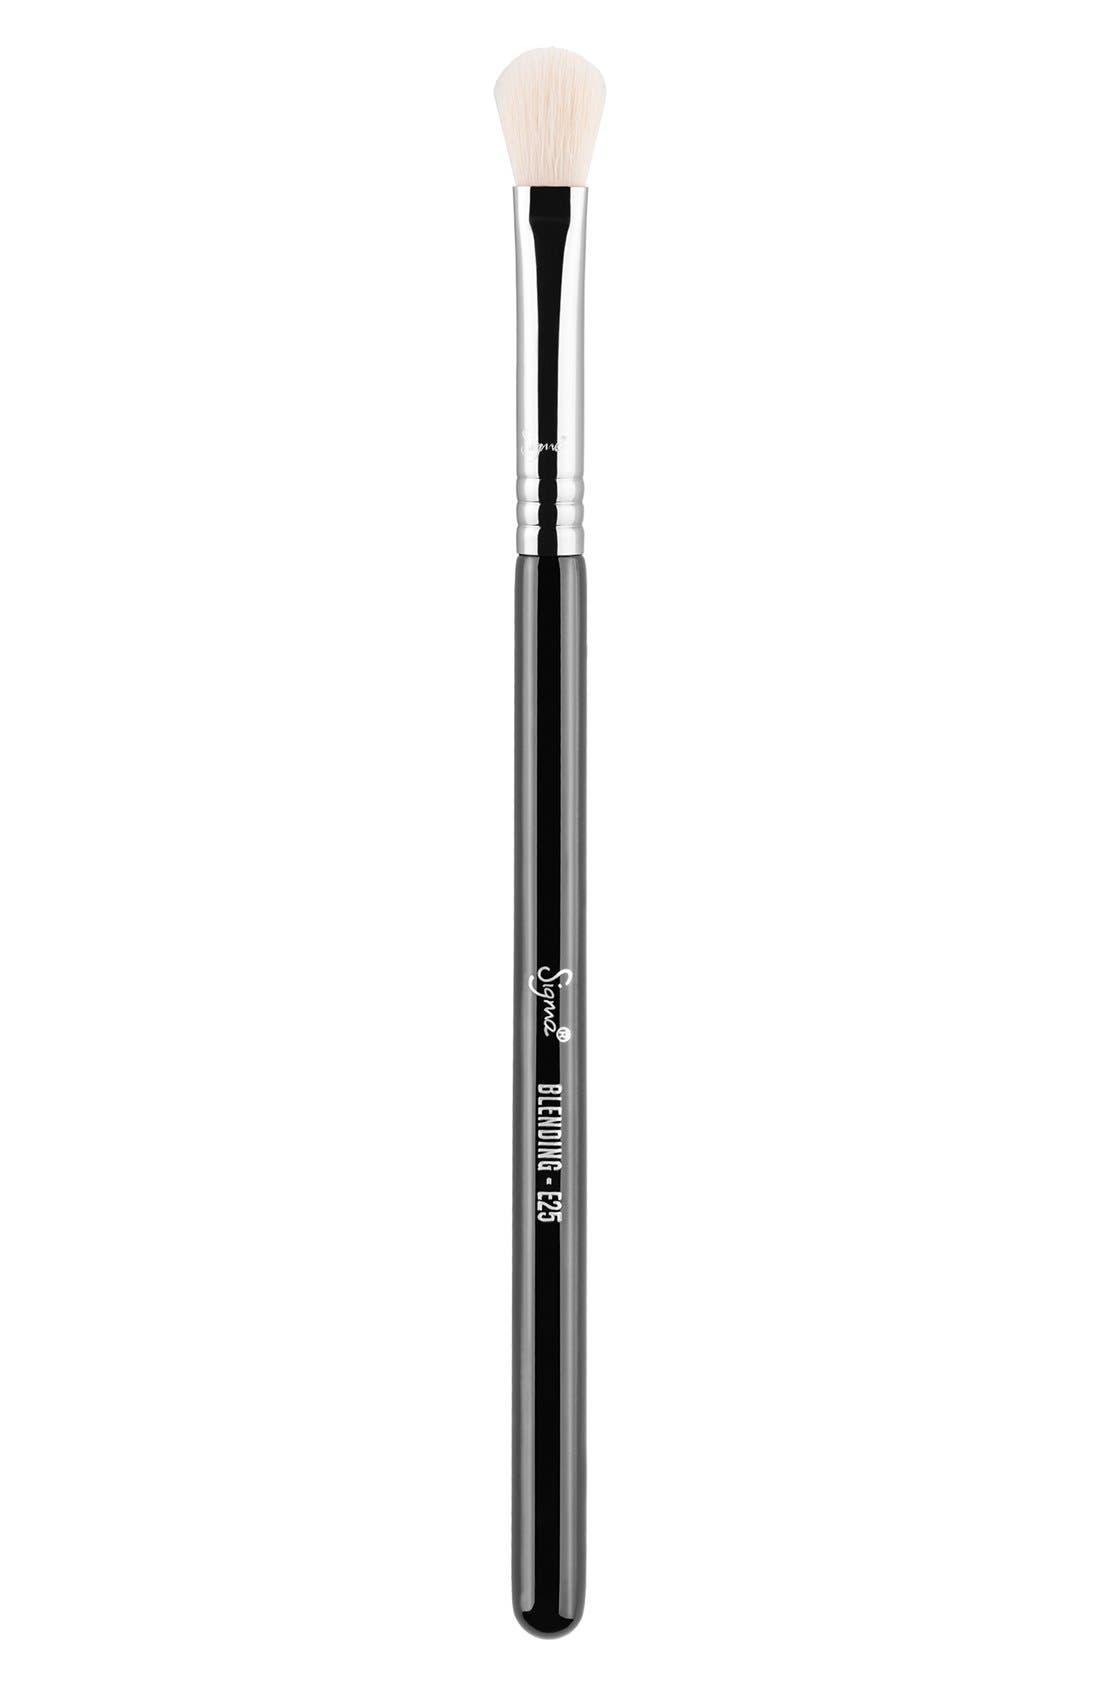 Sigma Beauty E25 Blending Brush